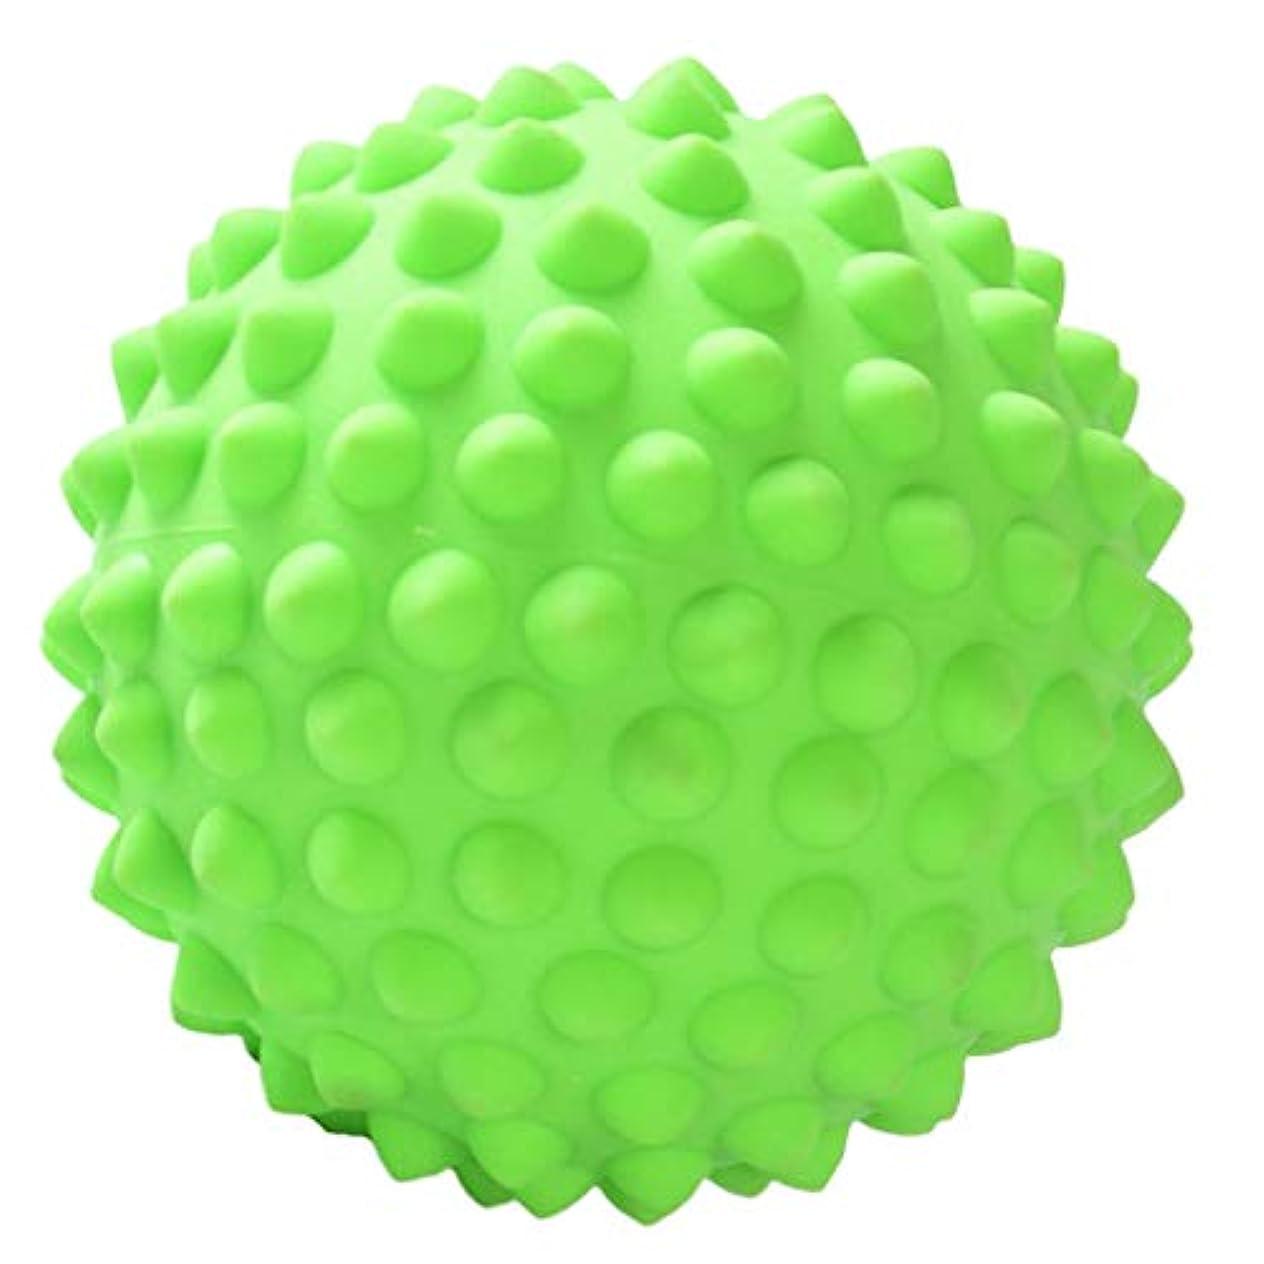 ポテトとげパスポートBaoblaze マッサージボール 約9 cm ツボ押し ジム オフィス 自宅用 3色選べ - 緑, 説明のとおり